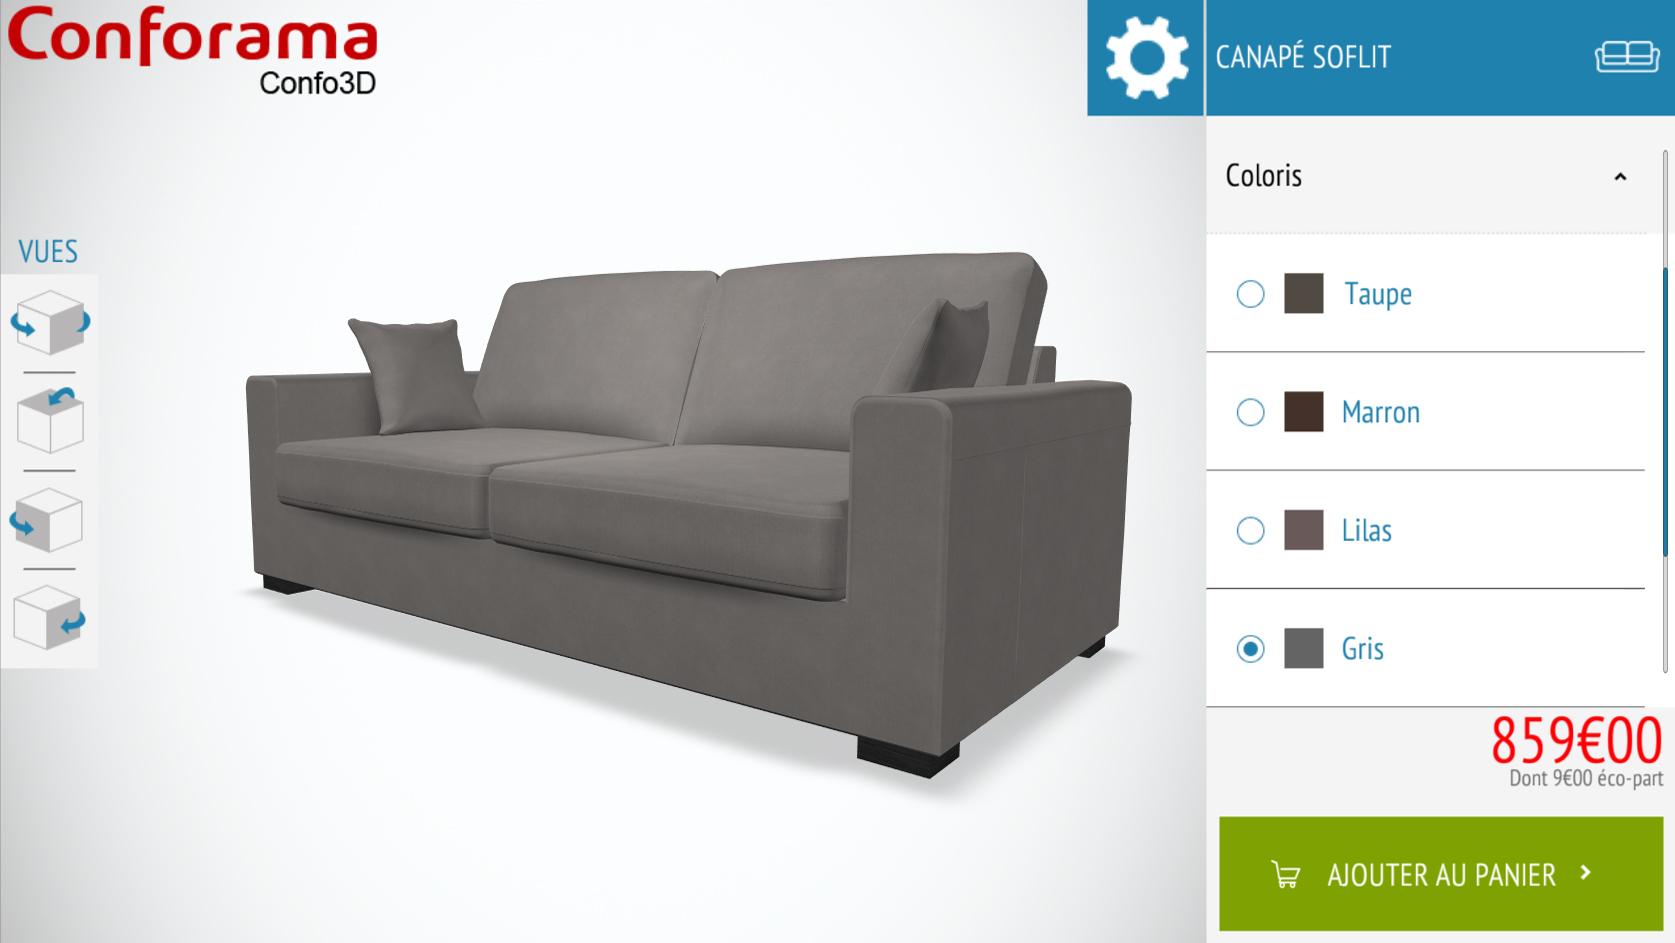 Image canapé conforama 3D